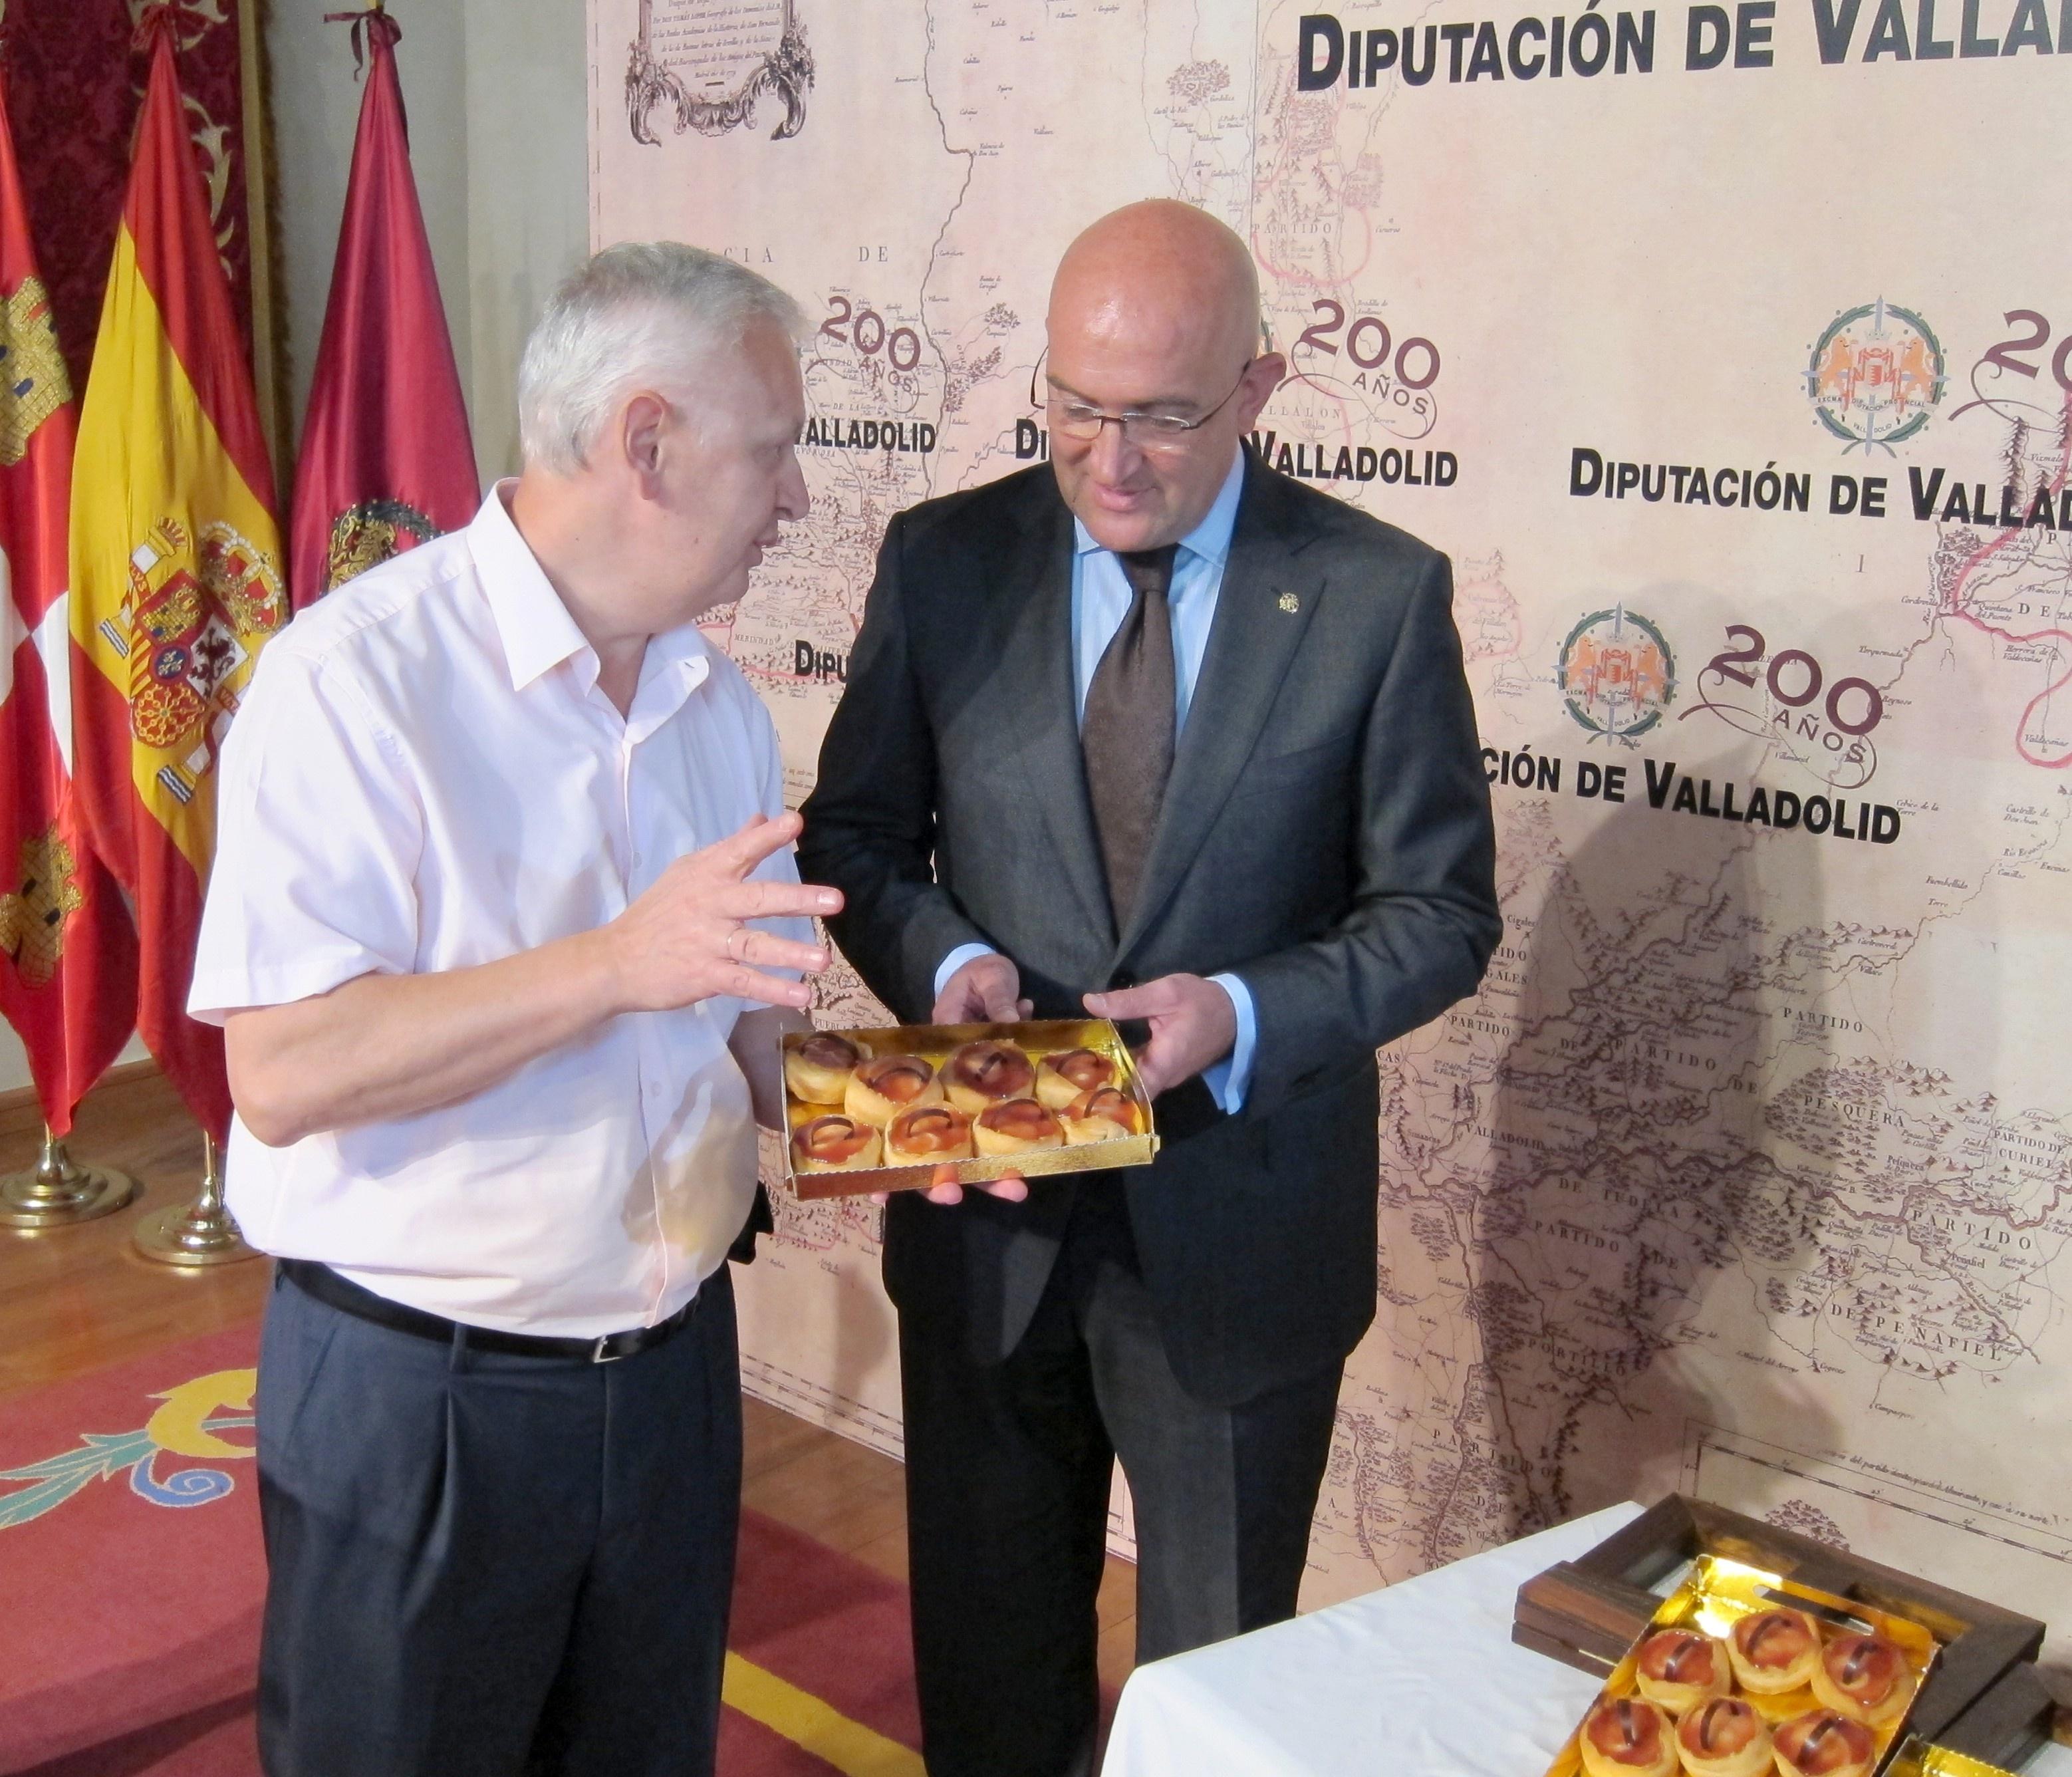 Unas puertas abiertas inauguran los actos centrales del Día de la Provincia de Valladolid, que se celebra este sábado